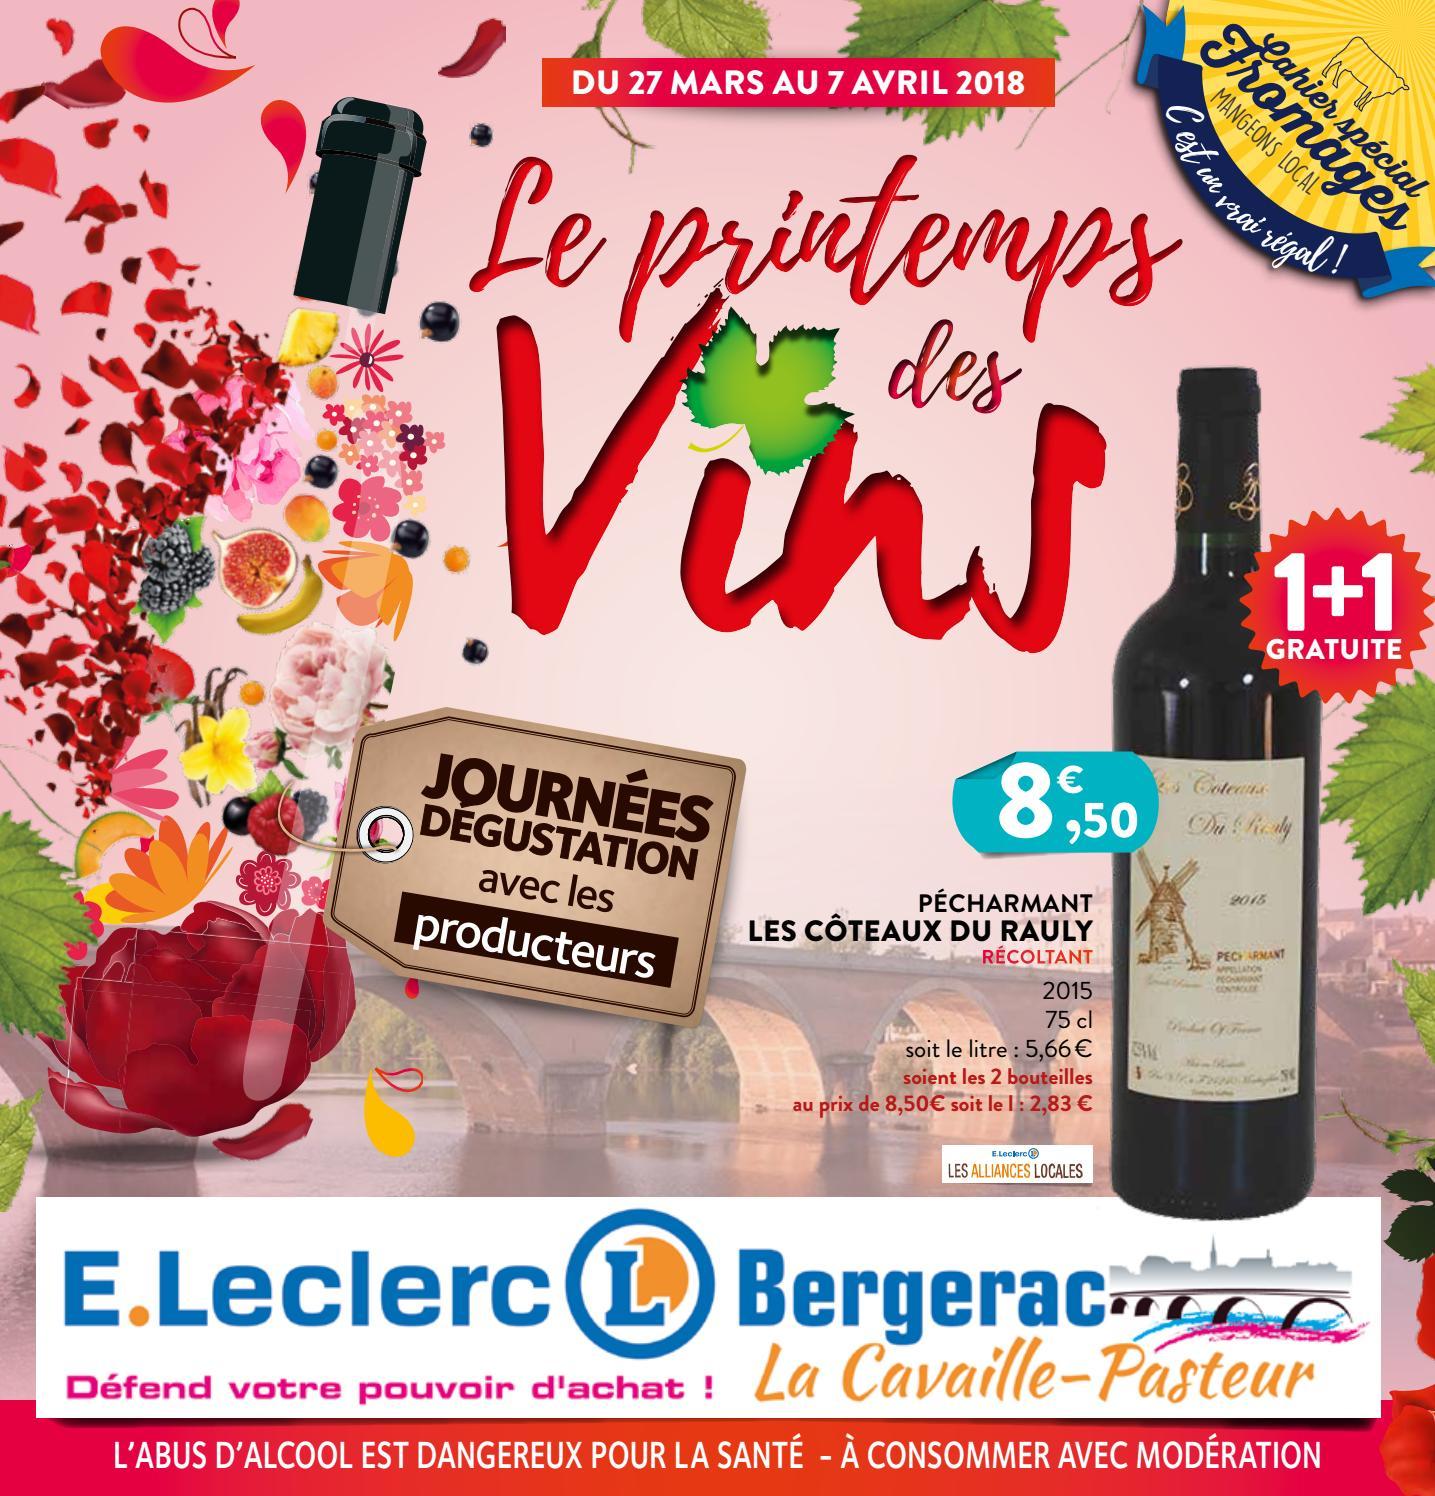 Foire Aux Vins De Printemps E Leclerc De Bergerac By Origamiq Issuu